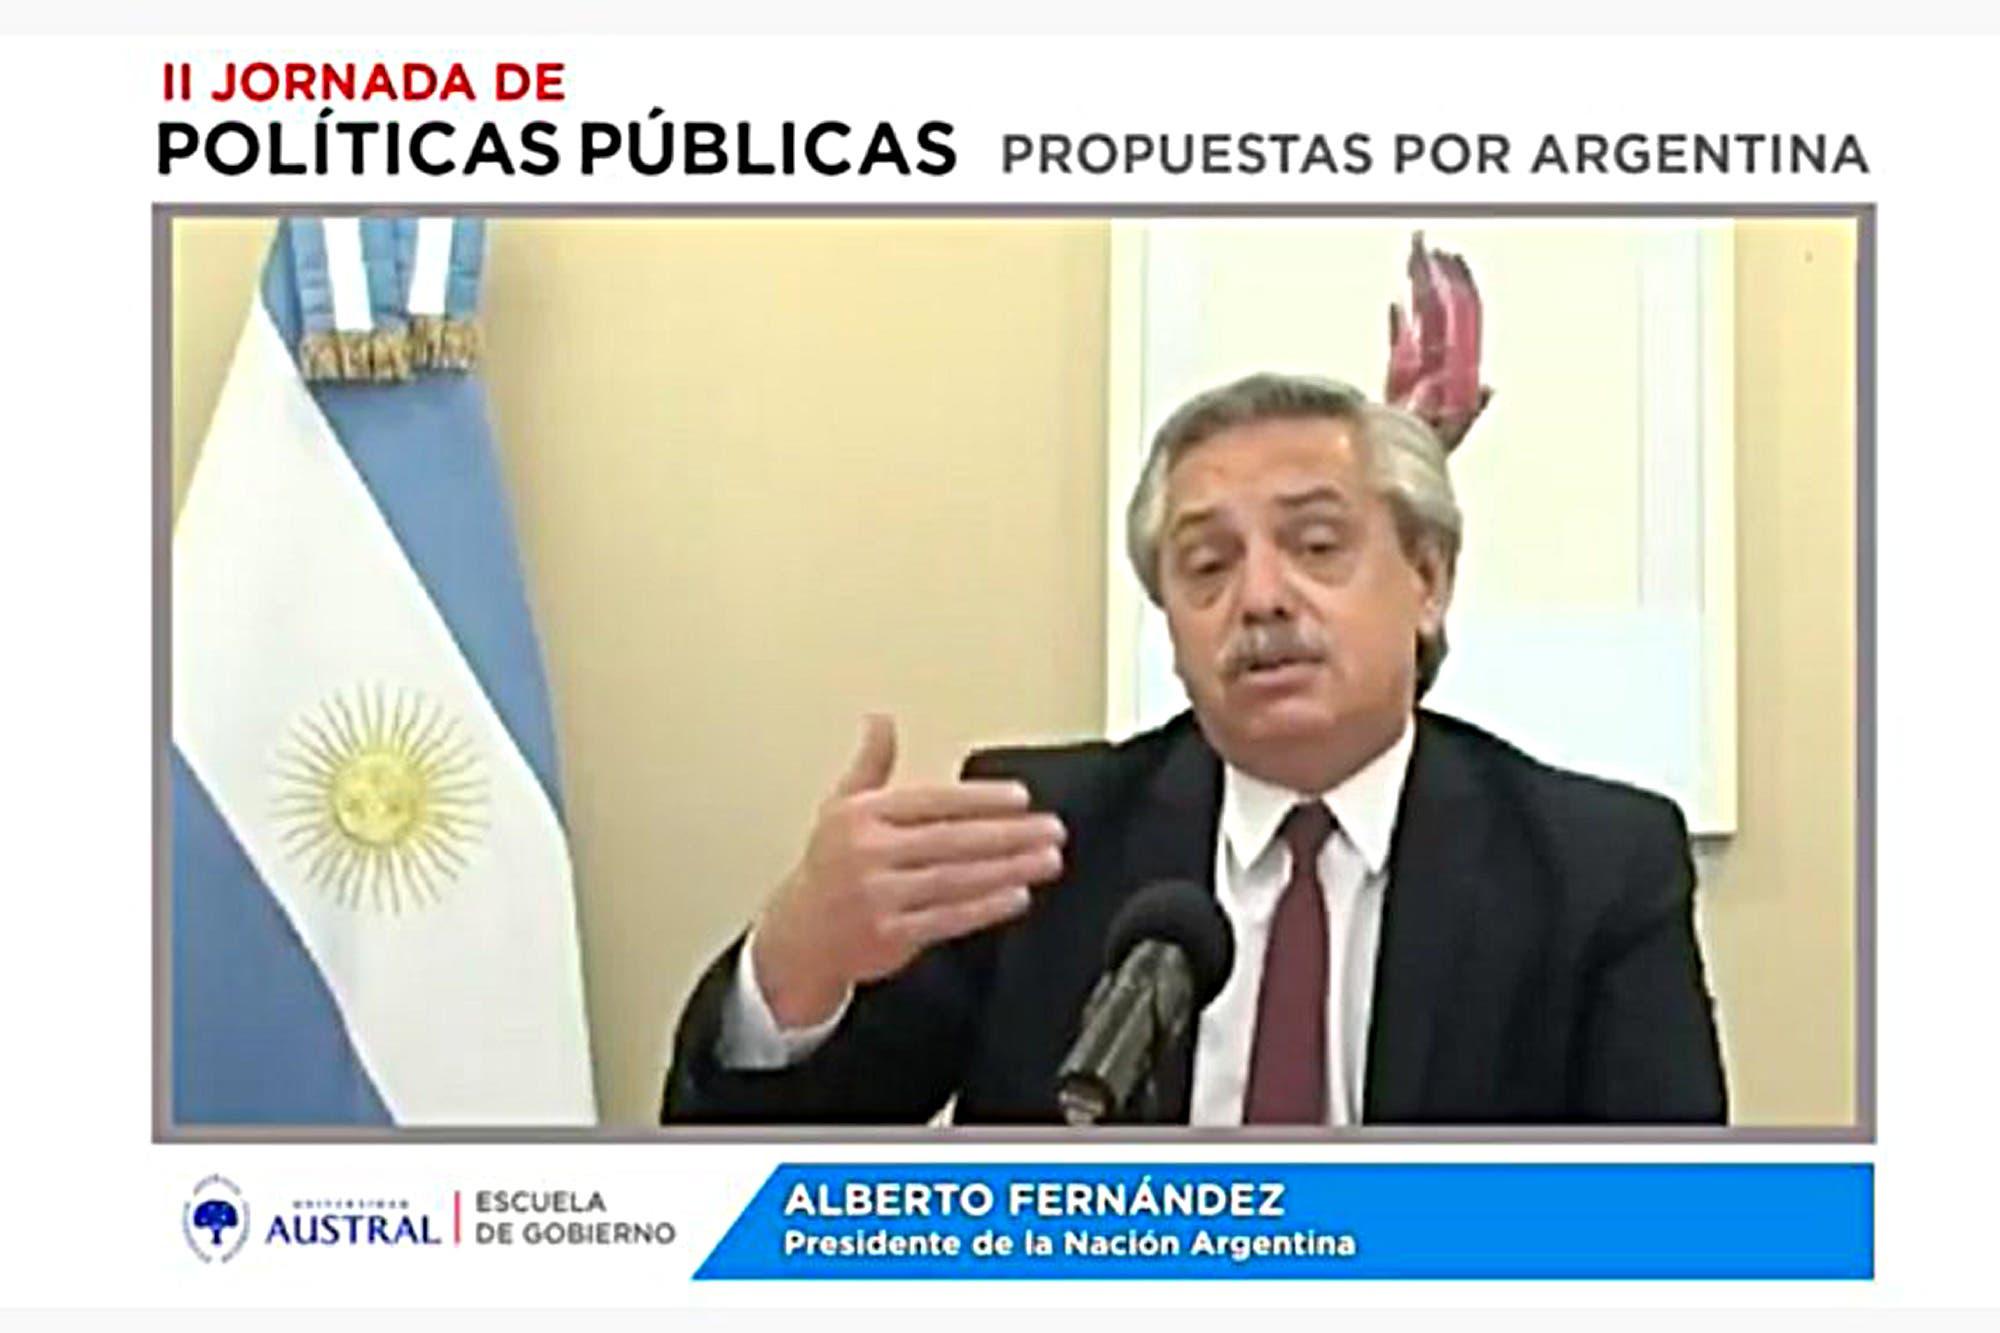 """""""Yo no he roto ningún puente"""", dijo Alberto Fernández, tras ser cuestionado por Horacio Rodríguez Larreta"""